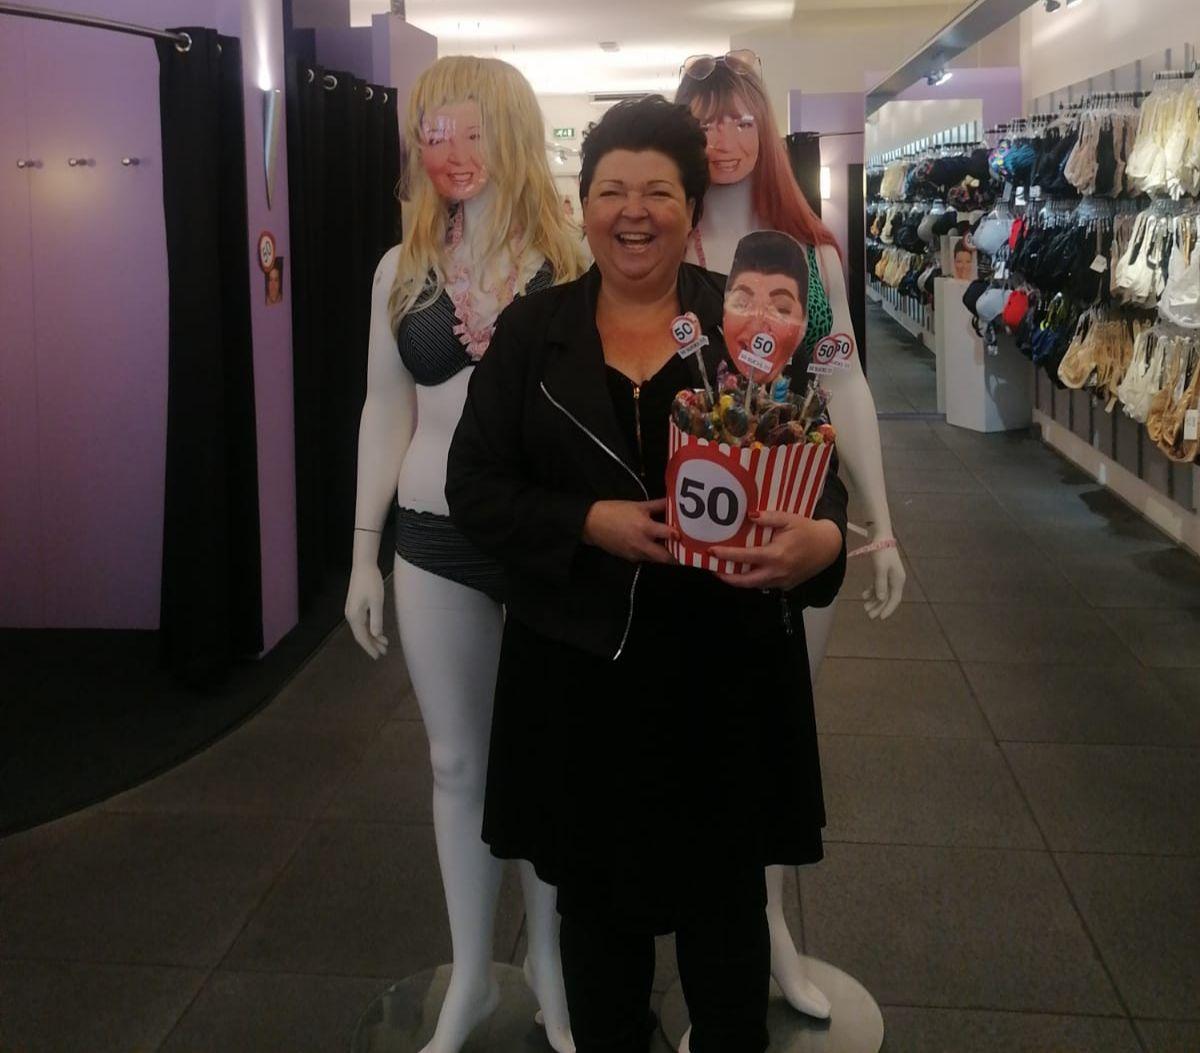 Sharon tussen twee paspoppen met haar gezicht, met cadeau in haar handen